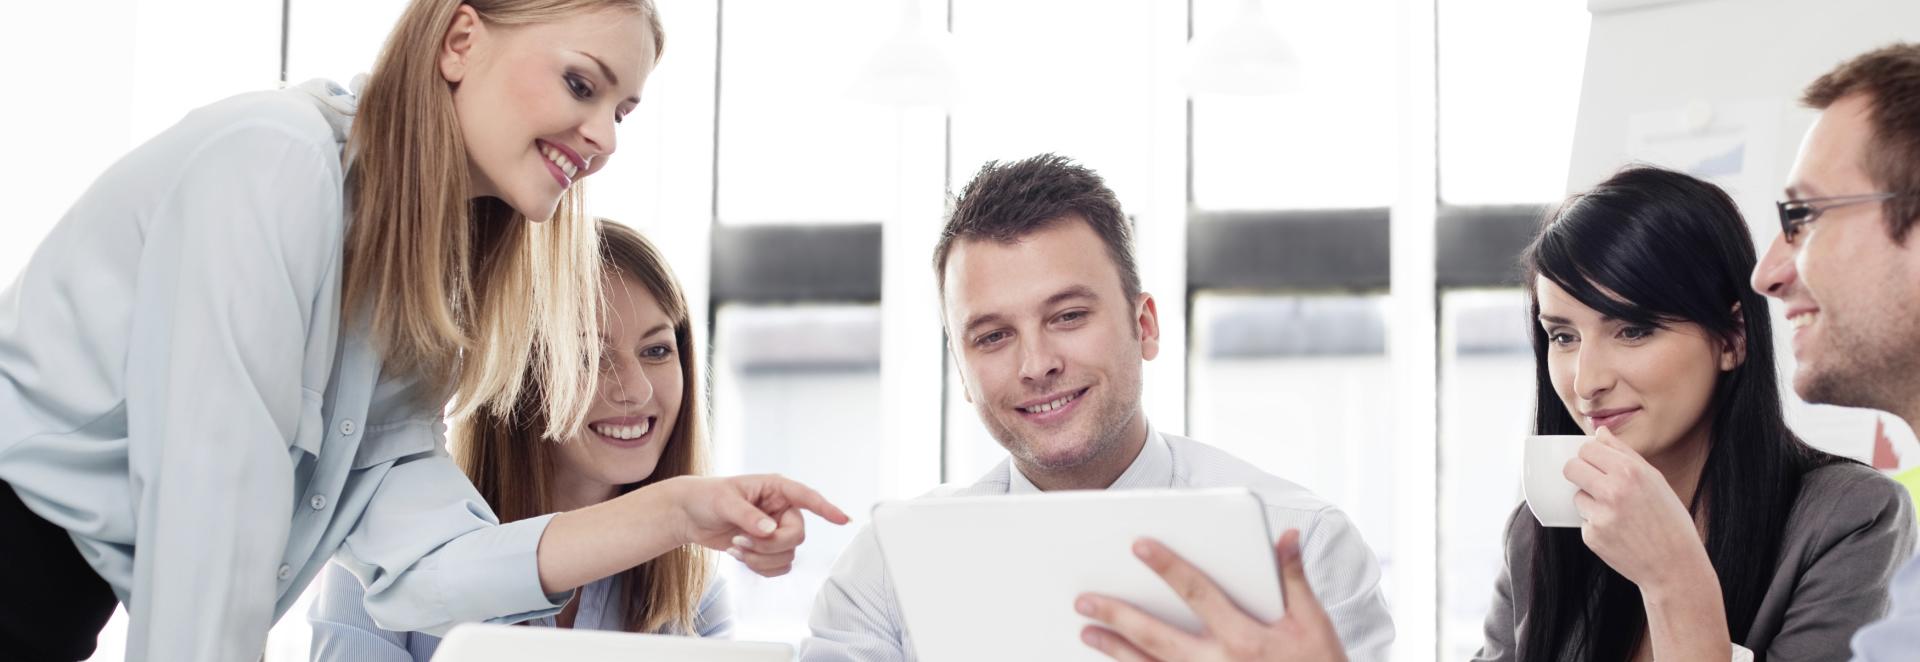 Wir sind Spezialist für gewerbliche Versicherungen für Unternehmen und halten Spezialkonzepten vor